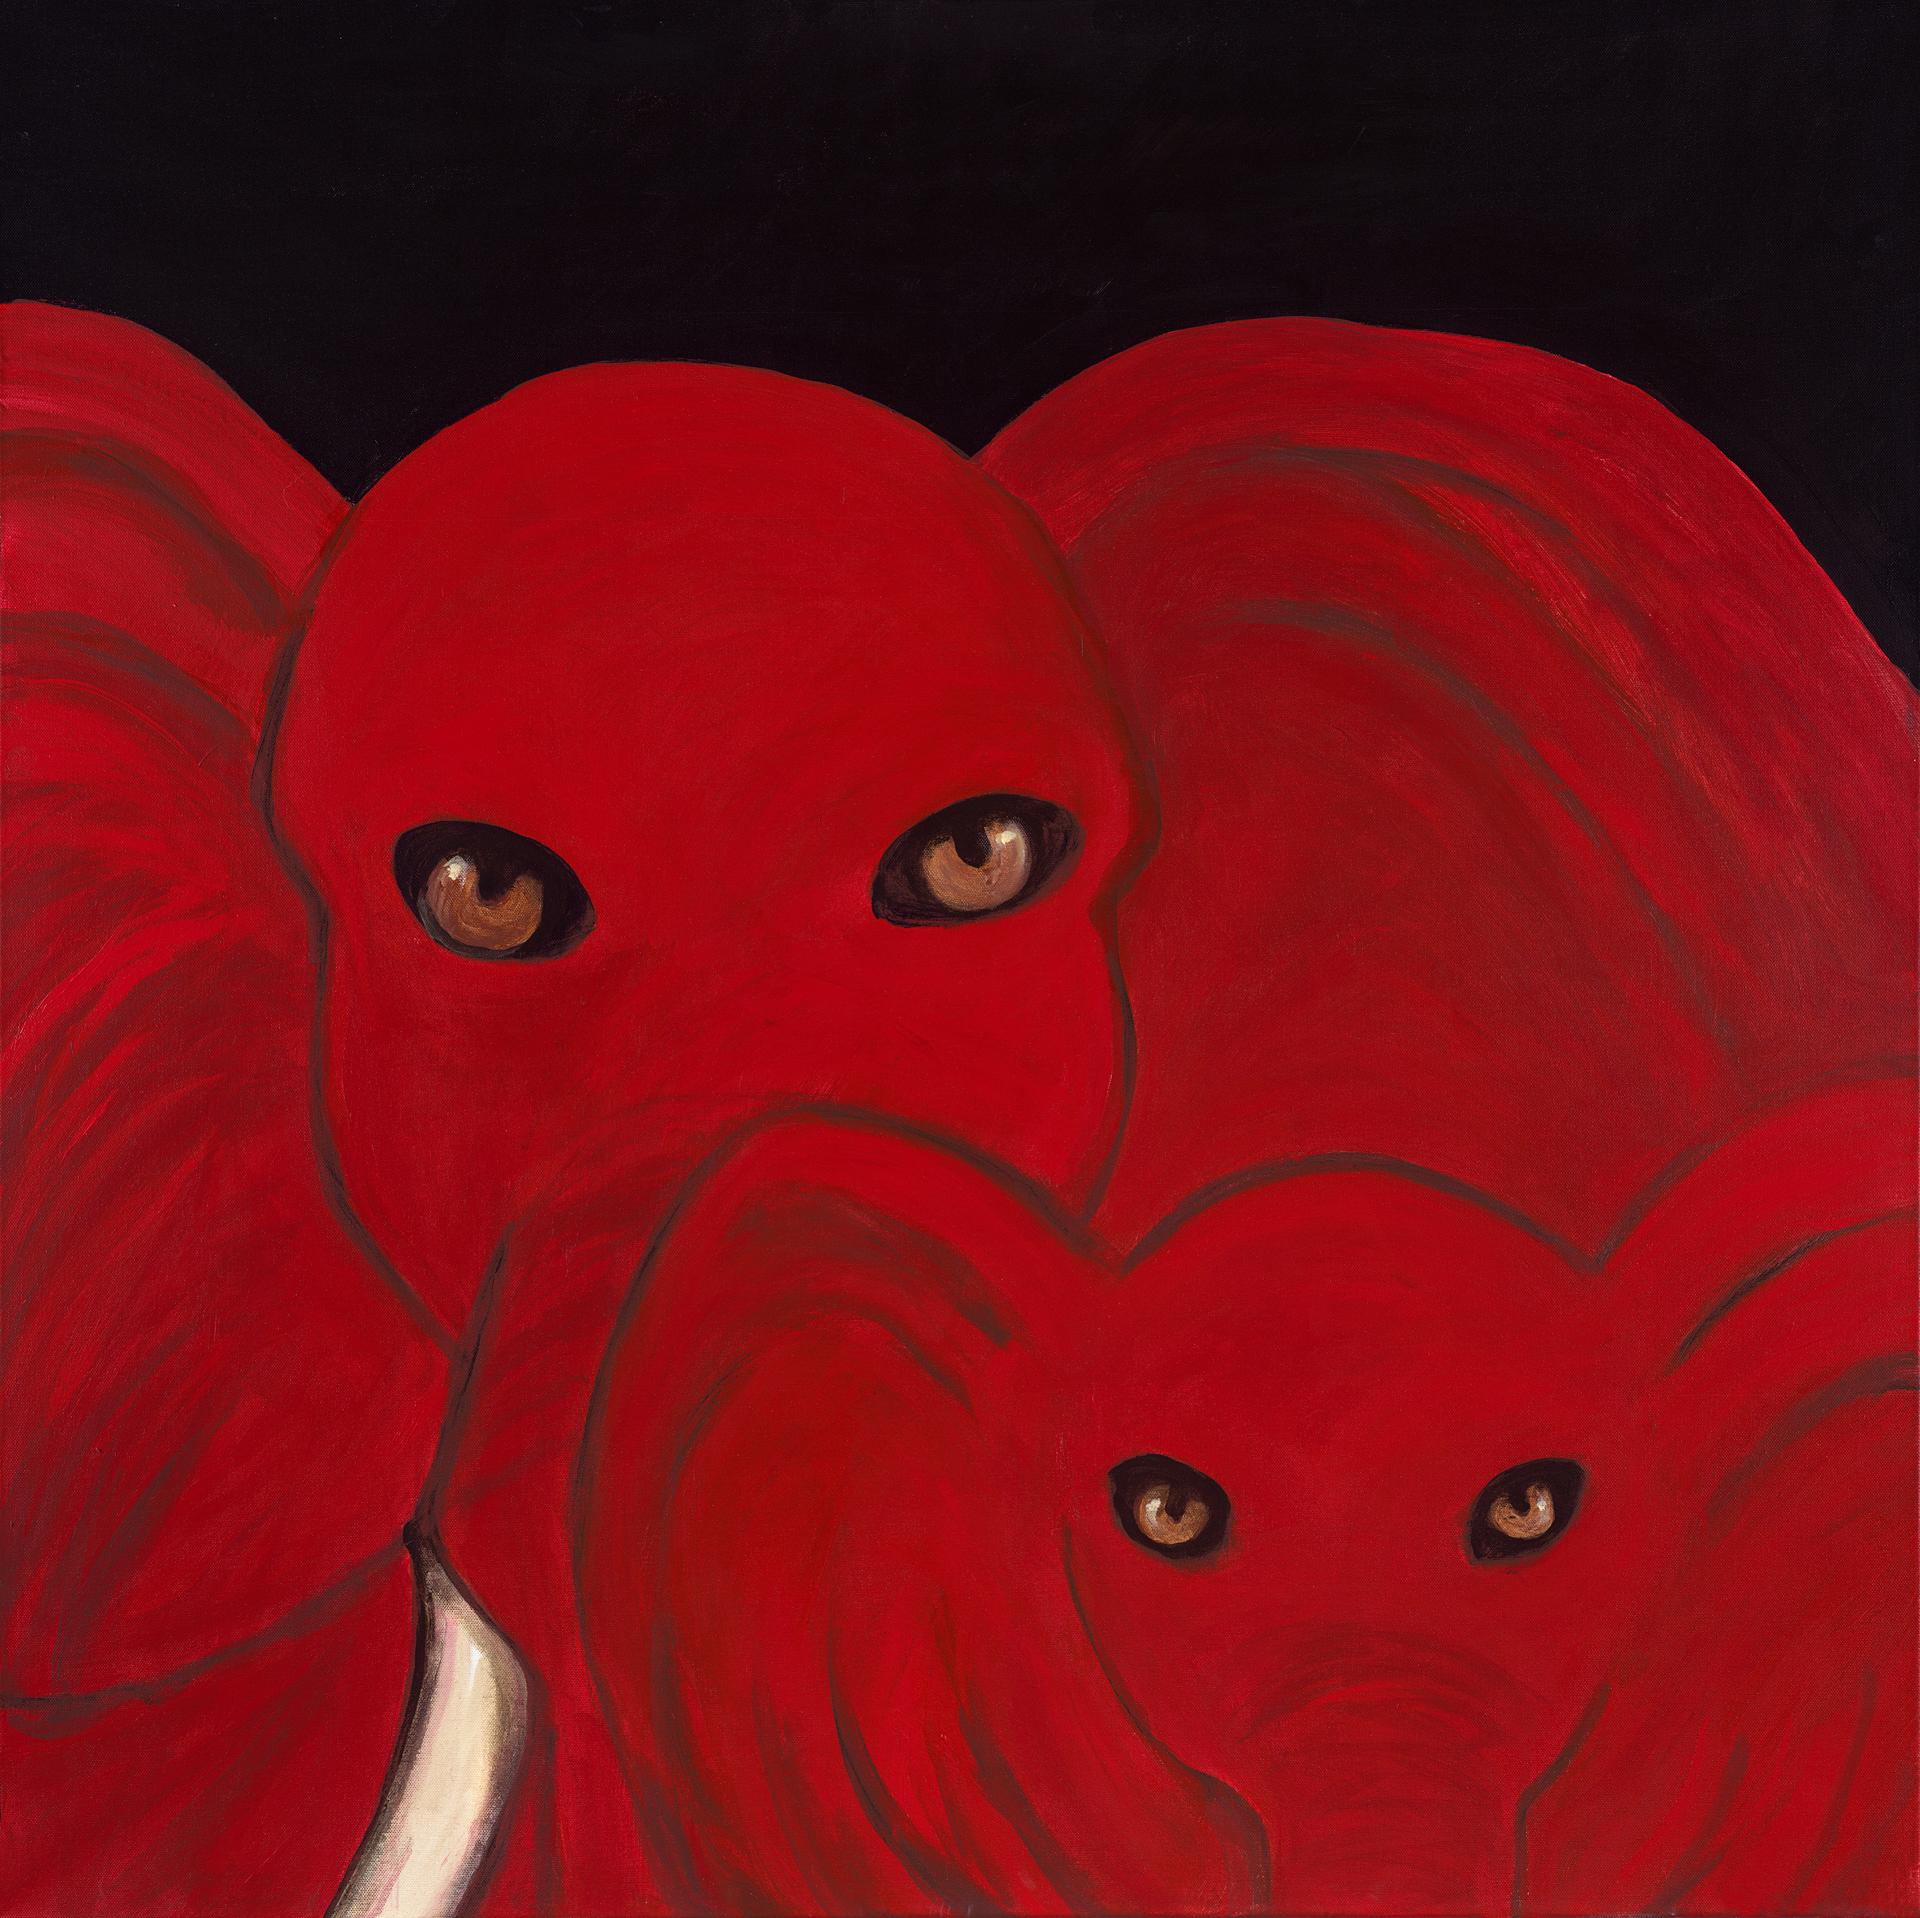 LITTLE FAMILY by Carole LaRoche